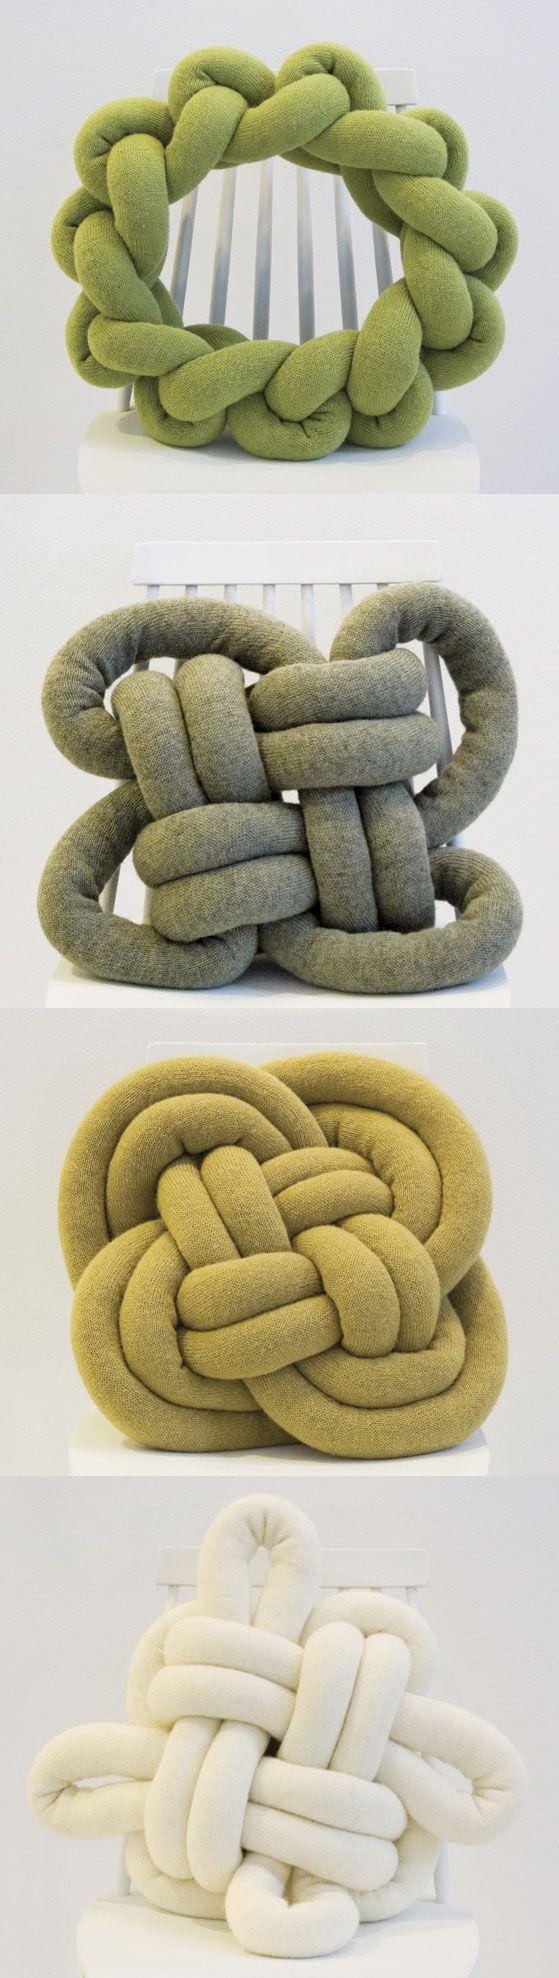 Poduszka węzeł Poduszka #Notknot zainspirowana jest harcerskim węzłem. Mocno ściśnięty supeł wykonany jest z miękkiego i przyjemnego w dotyku materiału, dzięki czemu sprawdza się w roli nietypowej poduszki http://www.eksmagazyn.pl/design/cos-na-rzeczy/poduszka-wezel/